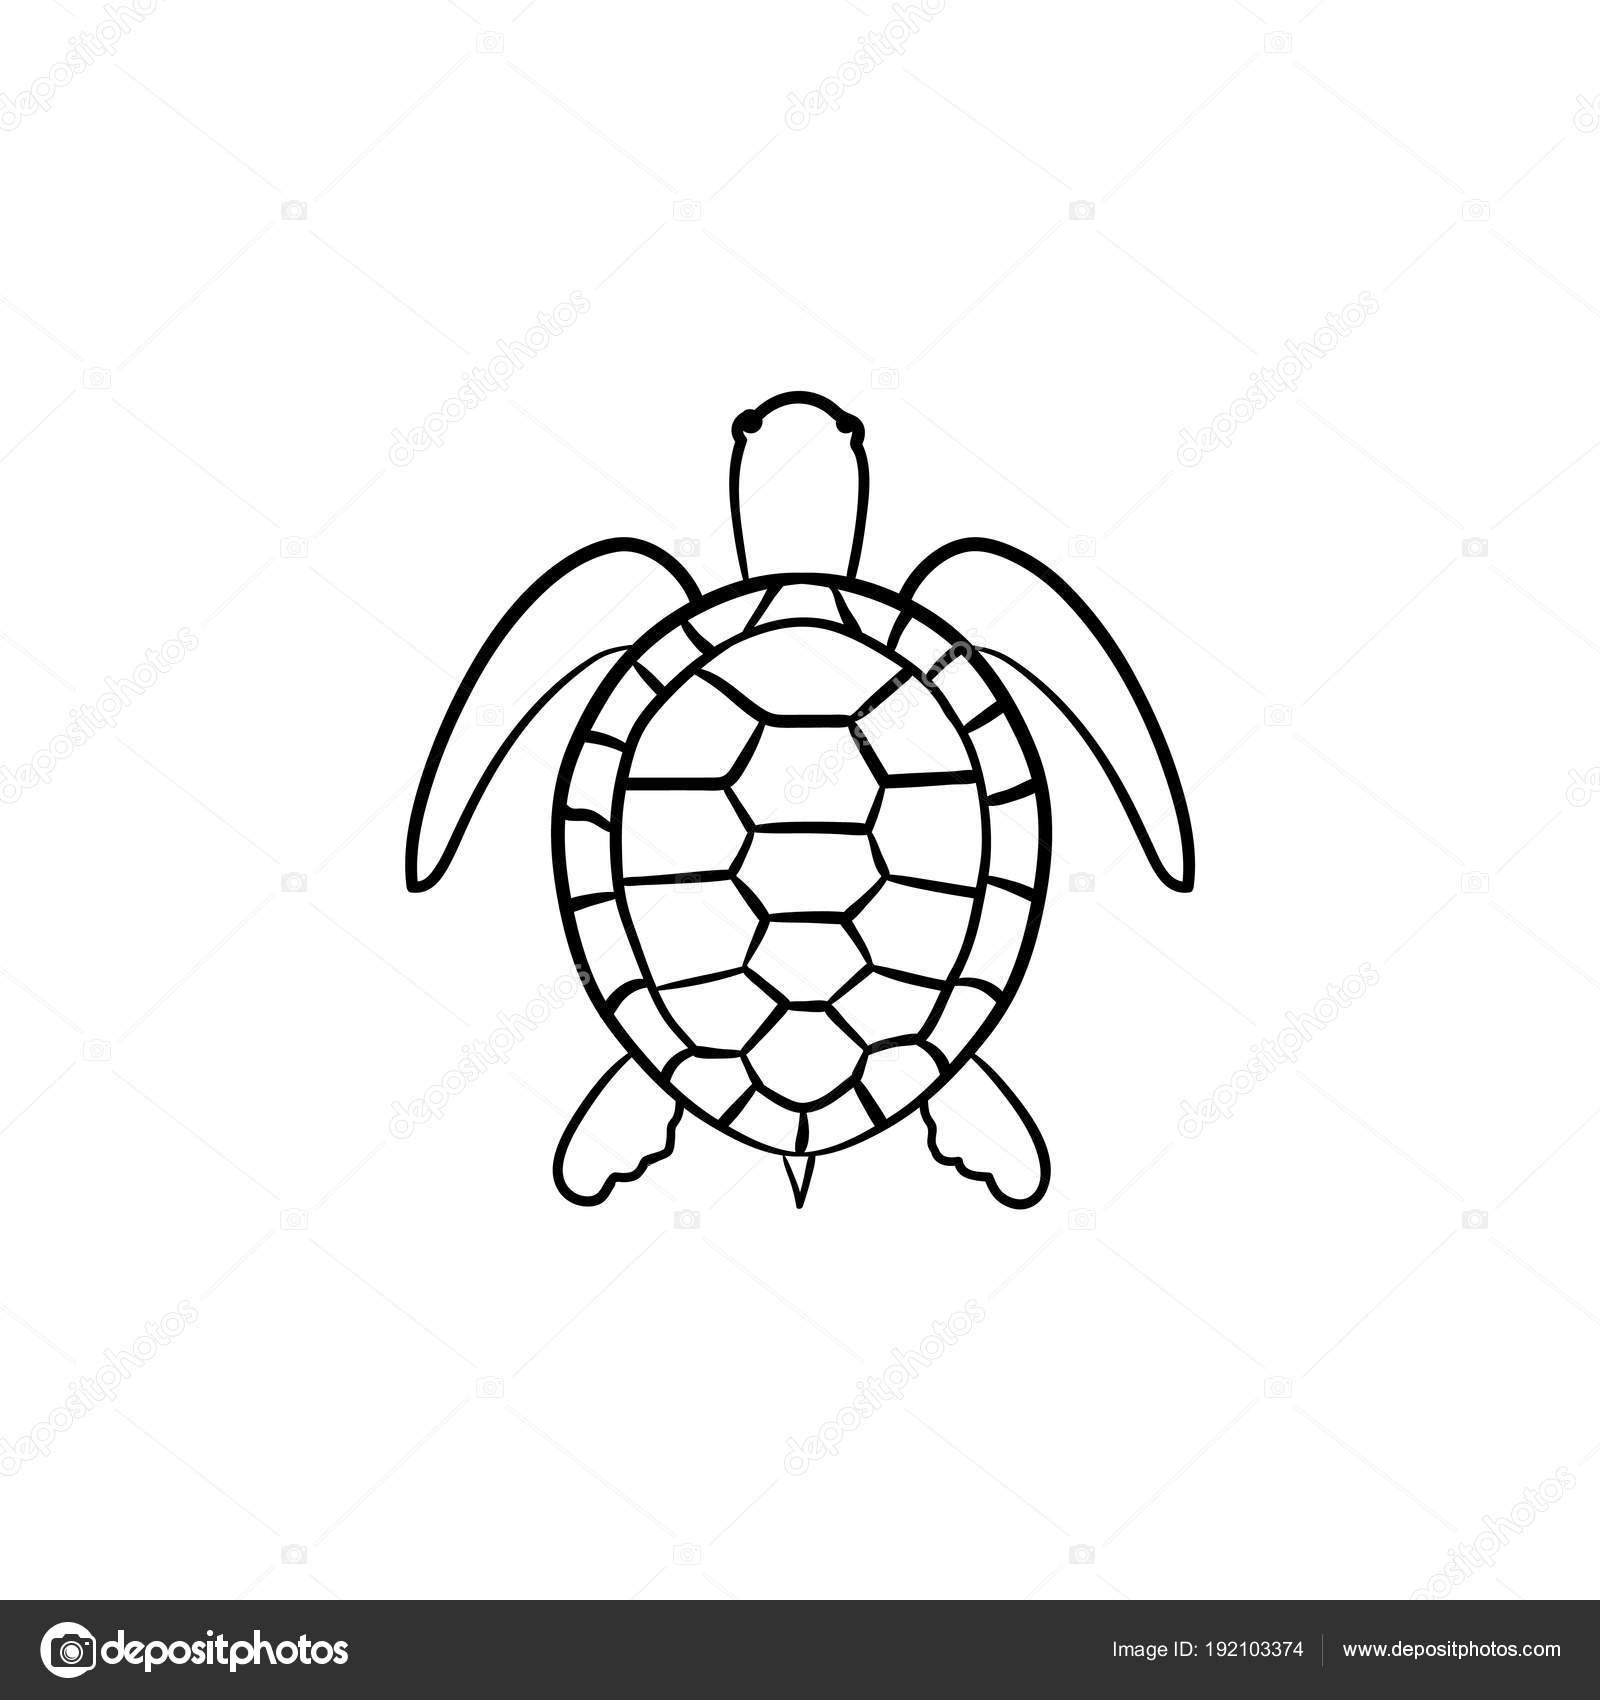 tortuga de icono de esbozo dibujado a mano — vector de